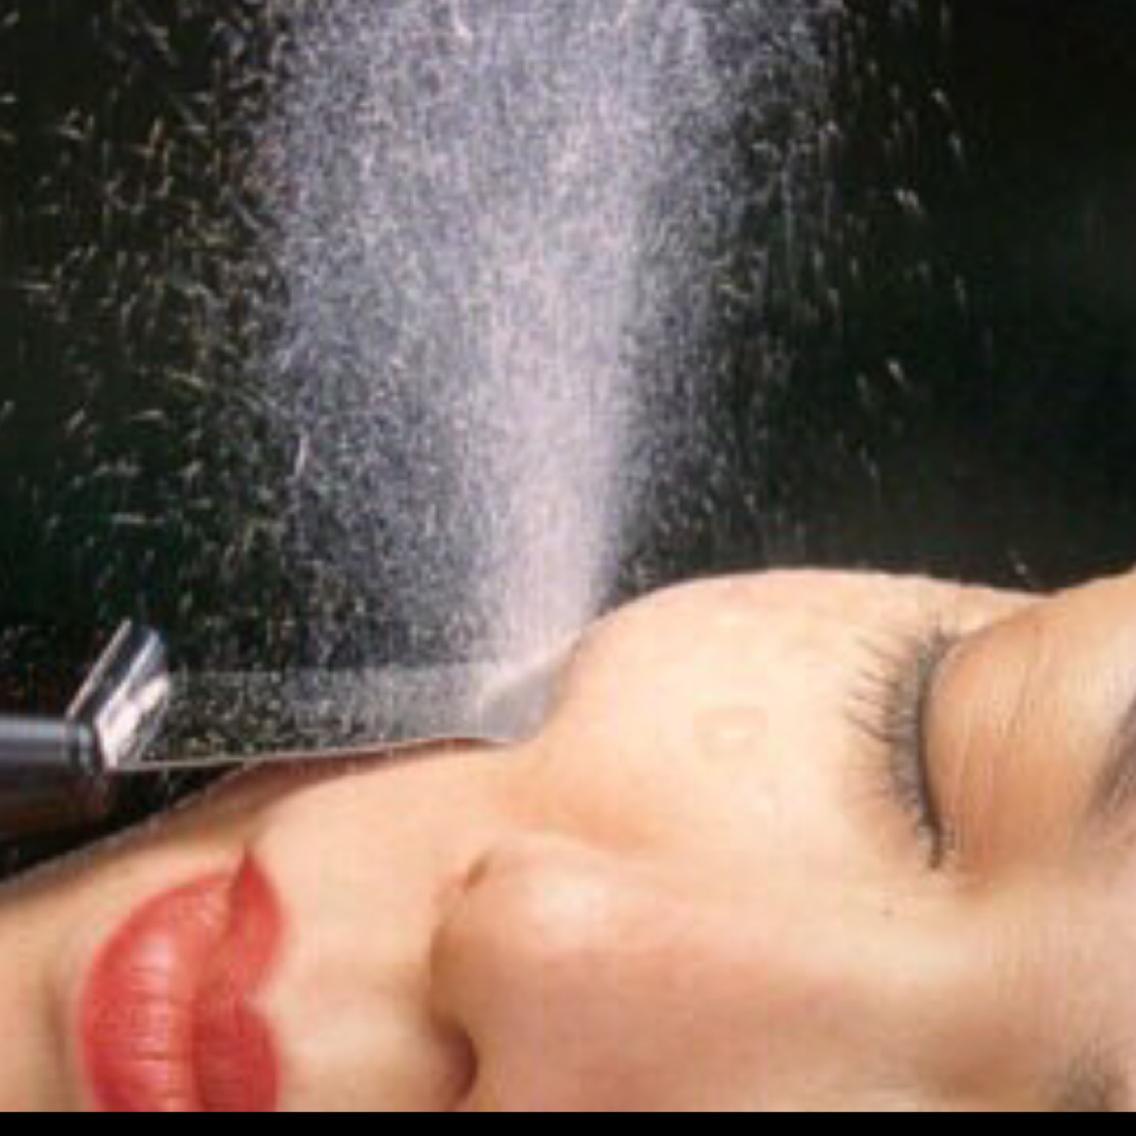 毛穴改善小顔ヒアルロン酸導入❗️このコースで毛穴も小顔も保湿も体験❣️45分7000円⇨2980円とてもお得です当日予約OK